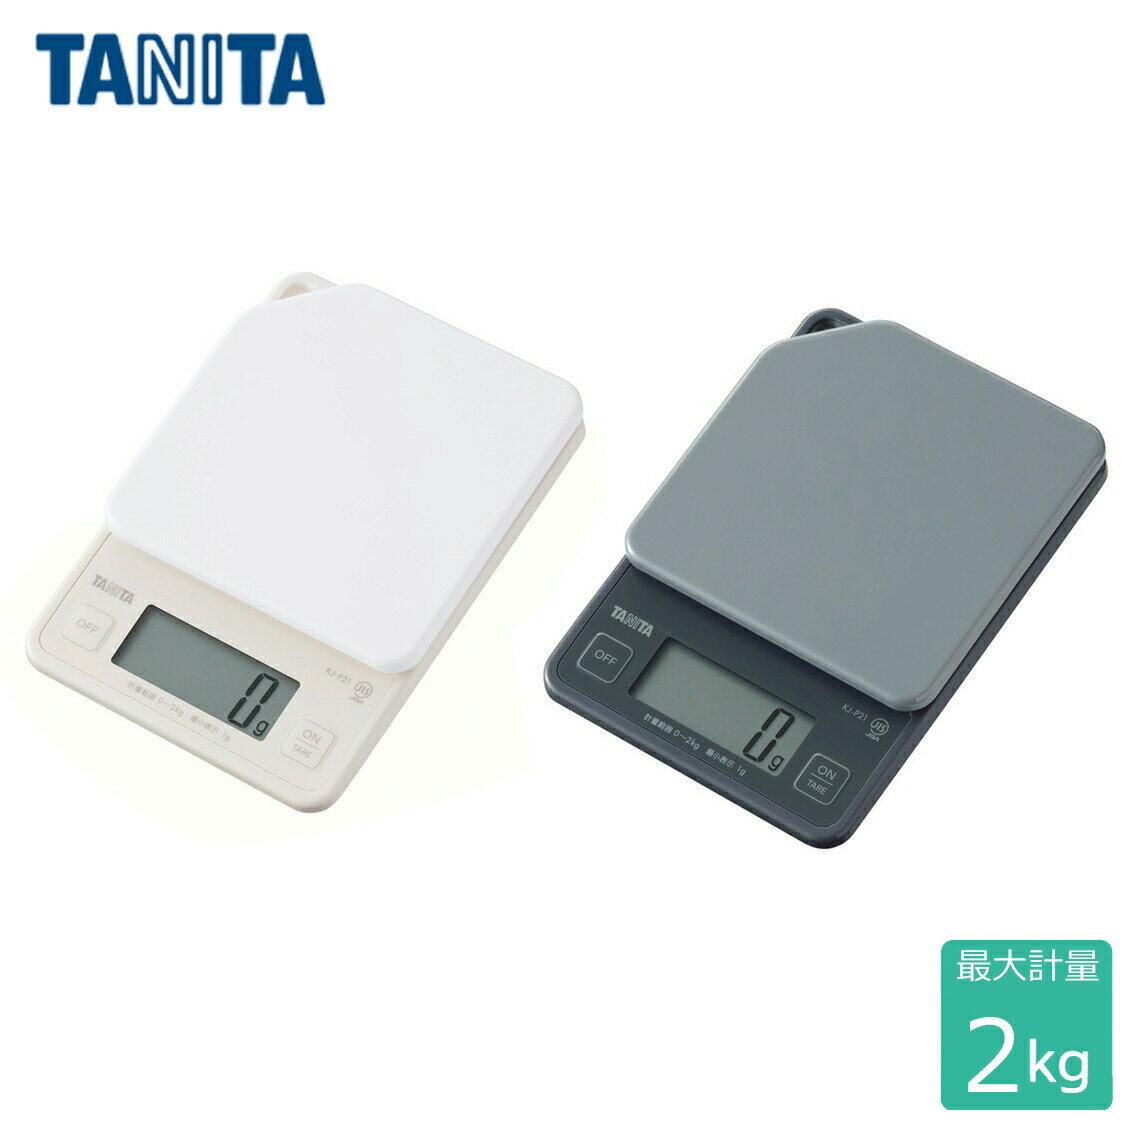 計量・タイマー・温度計, キッチンスケール  TANITA 2kg 1.0g